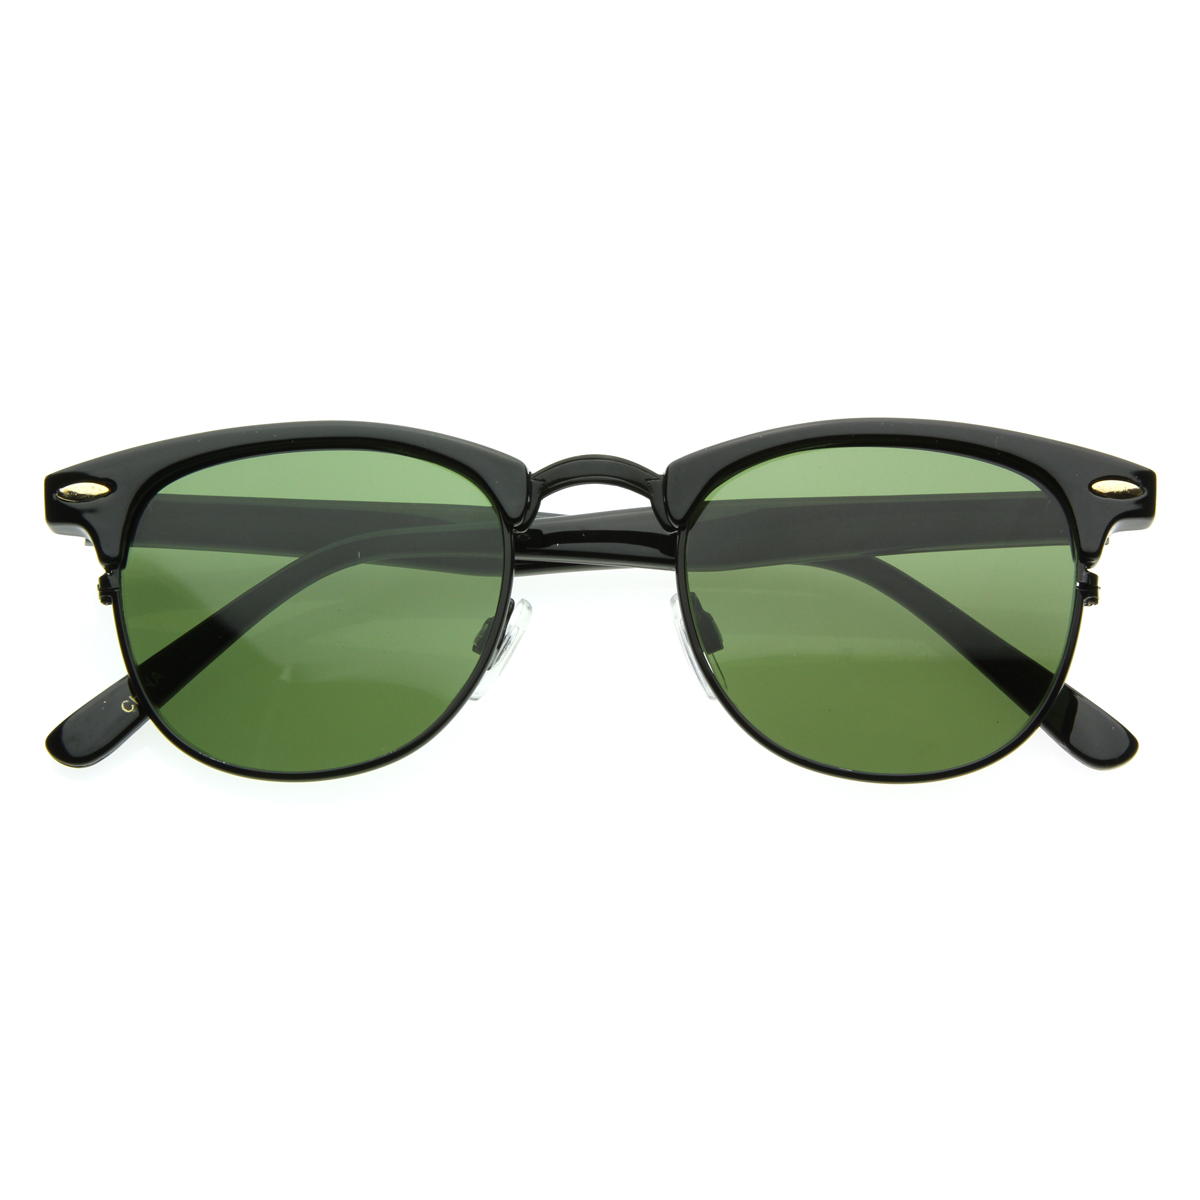 Rimless Glasses Vs Rimmed : Vintage Half Frame Semi-Rimless Horn Rimmed Style Classic ...